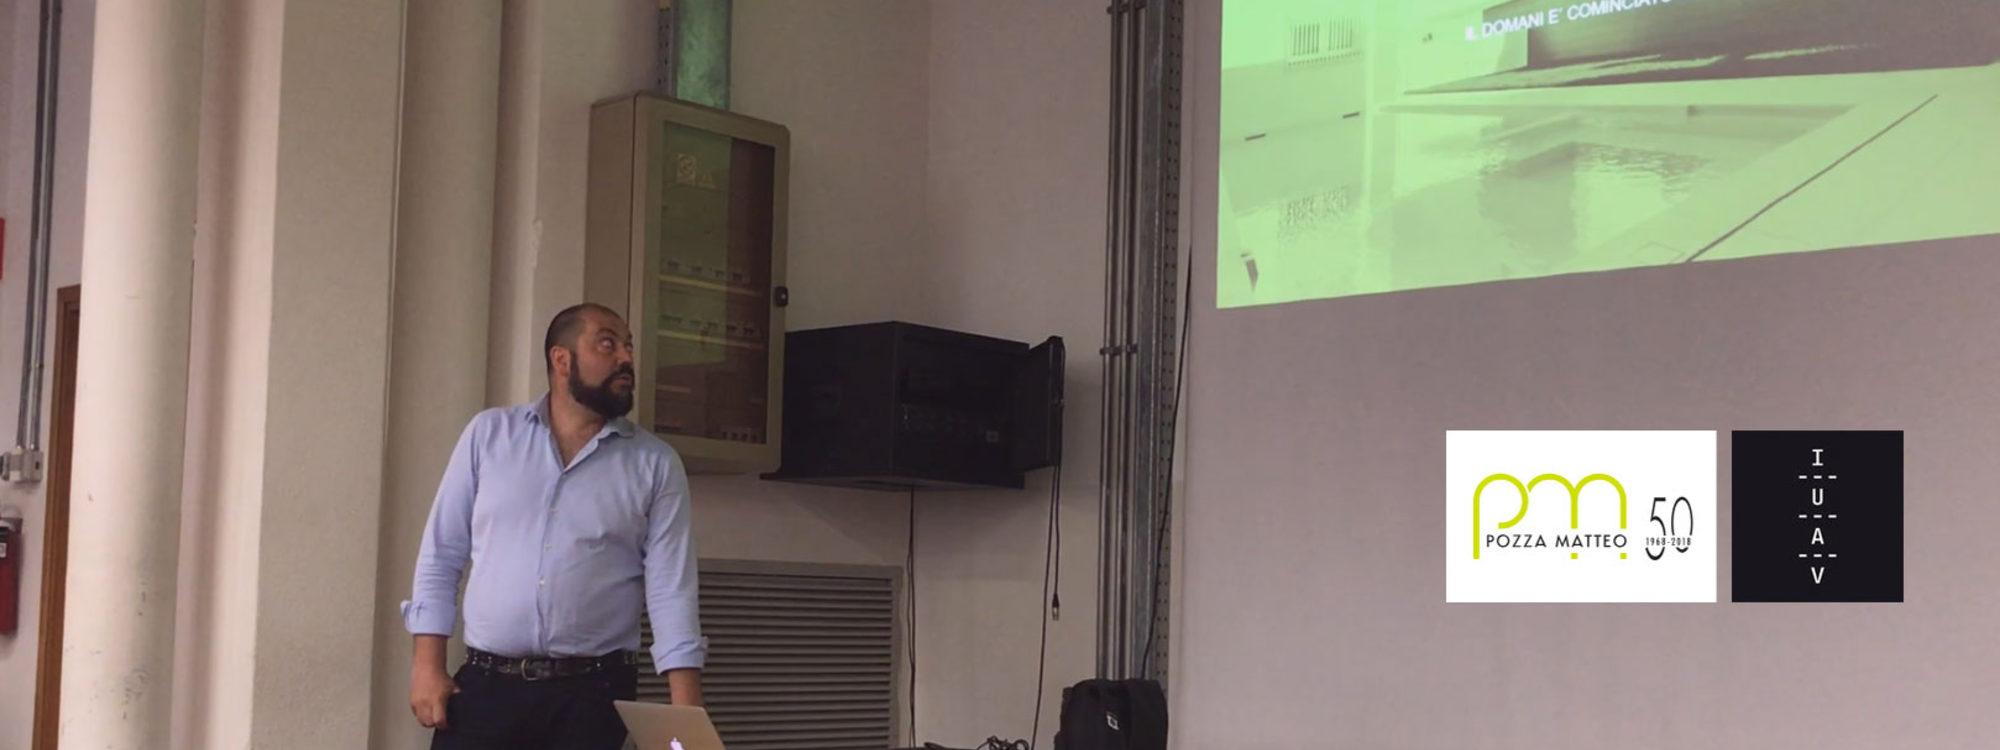 Claudio Pozza incontra gli studenti di architettura dello IUAV di Venezia